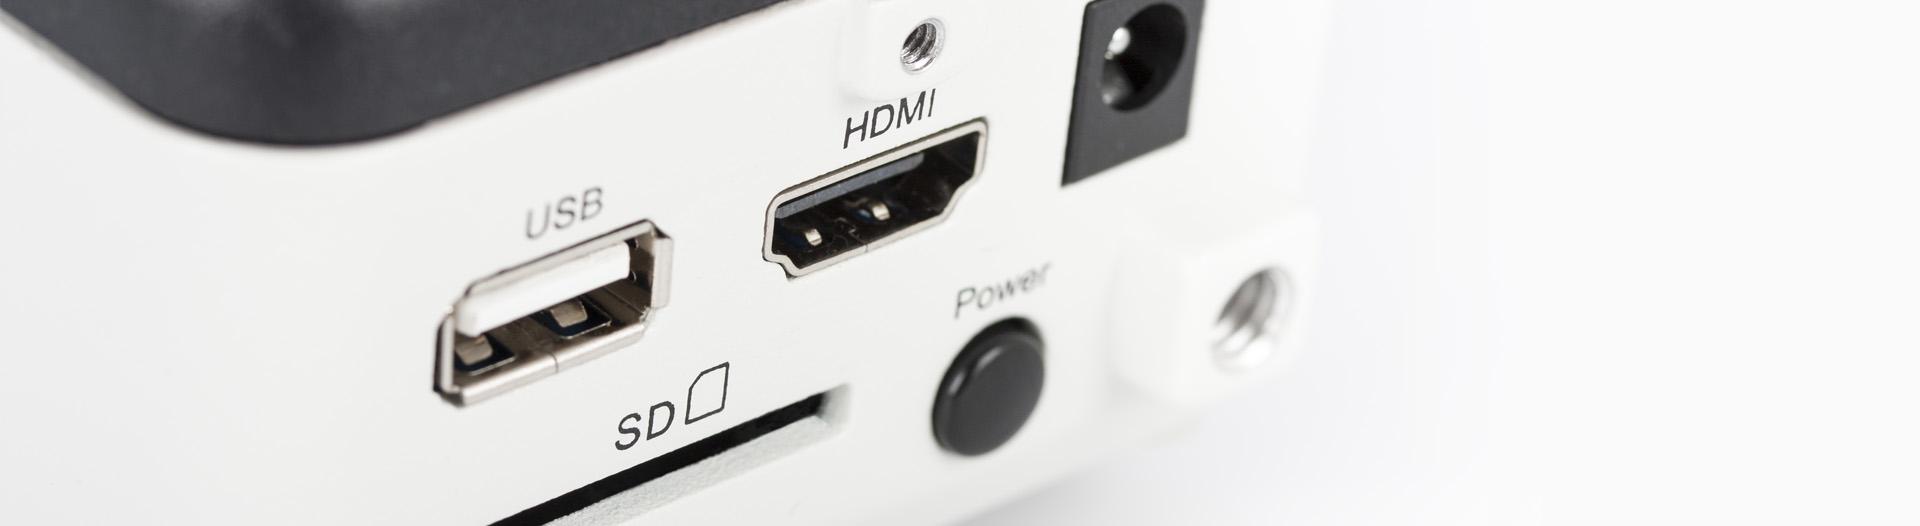 Moticam 1080 HD outputs